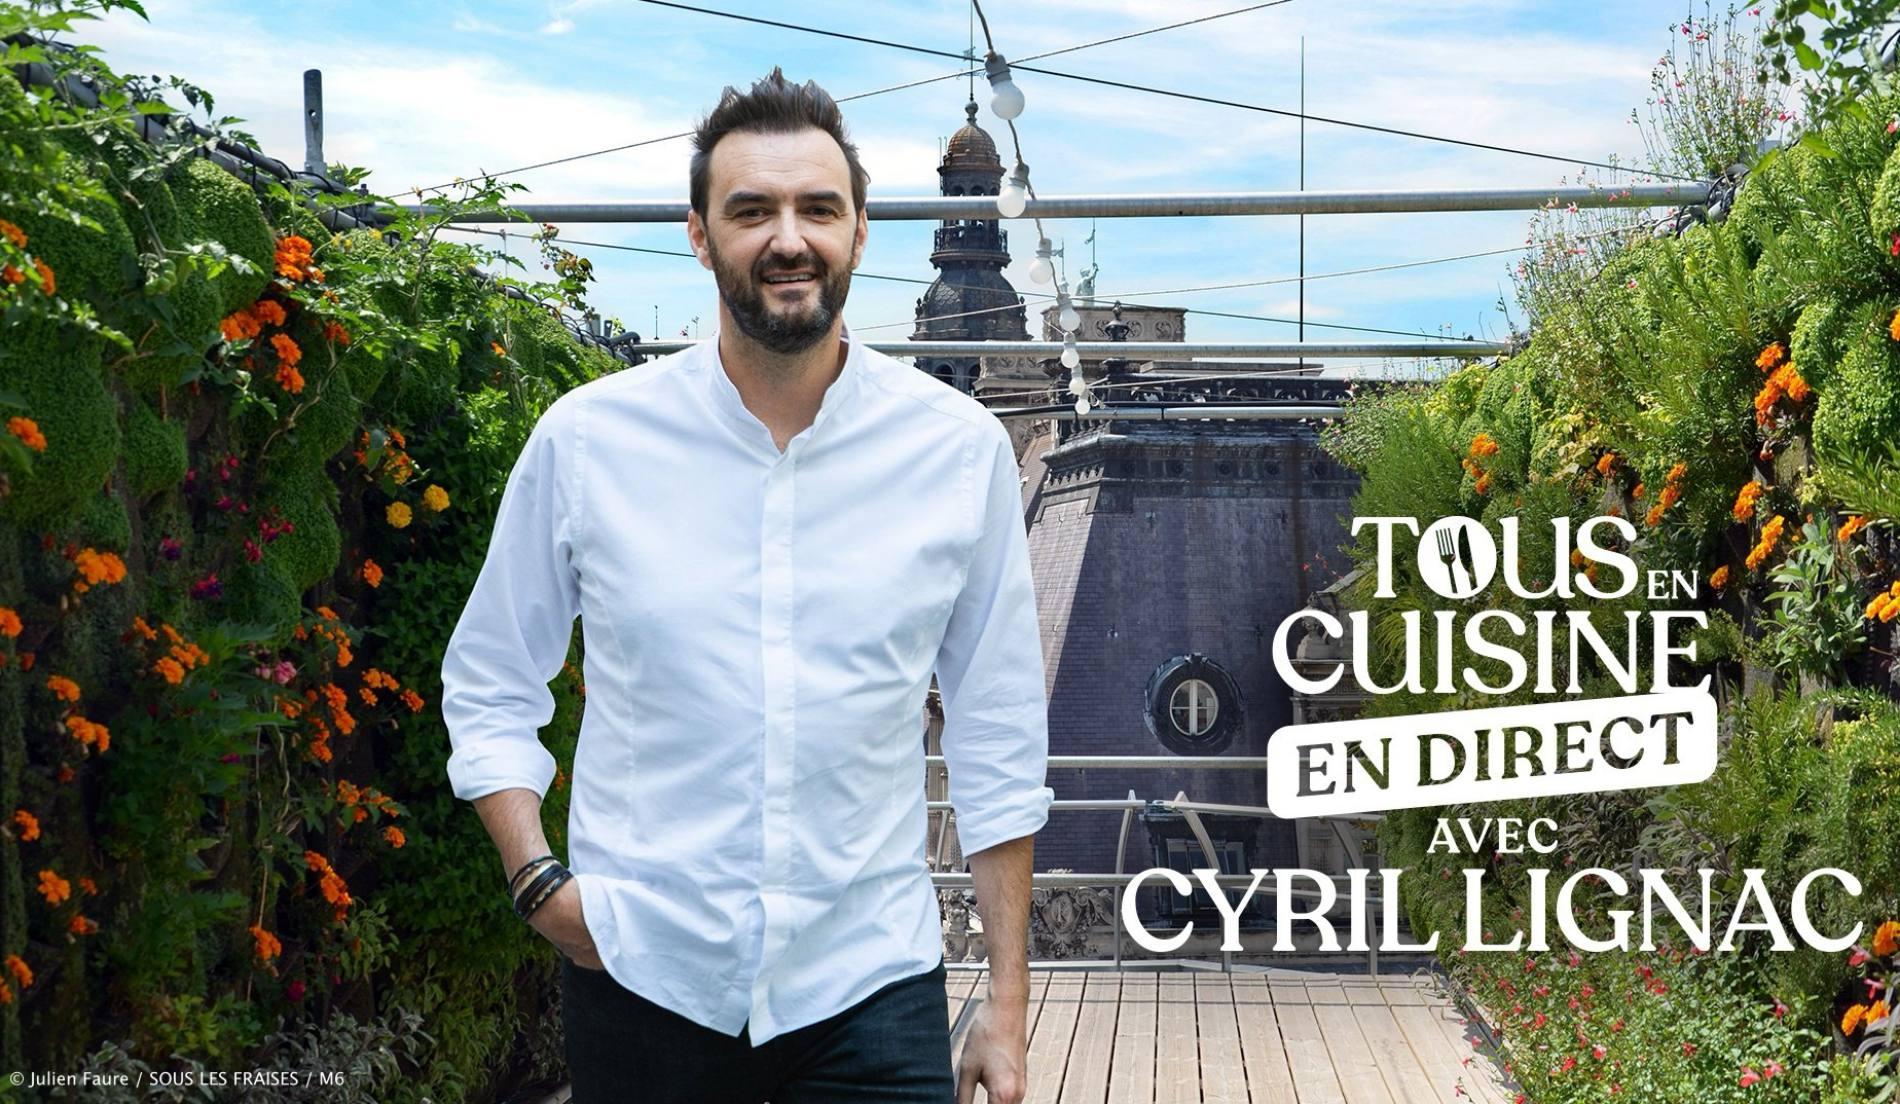 Tous en cuisine en direct avec Cyril Lignac